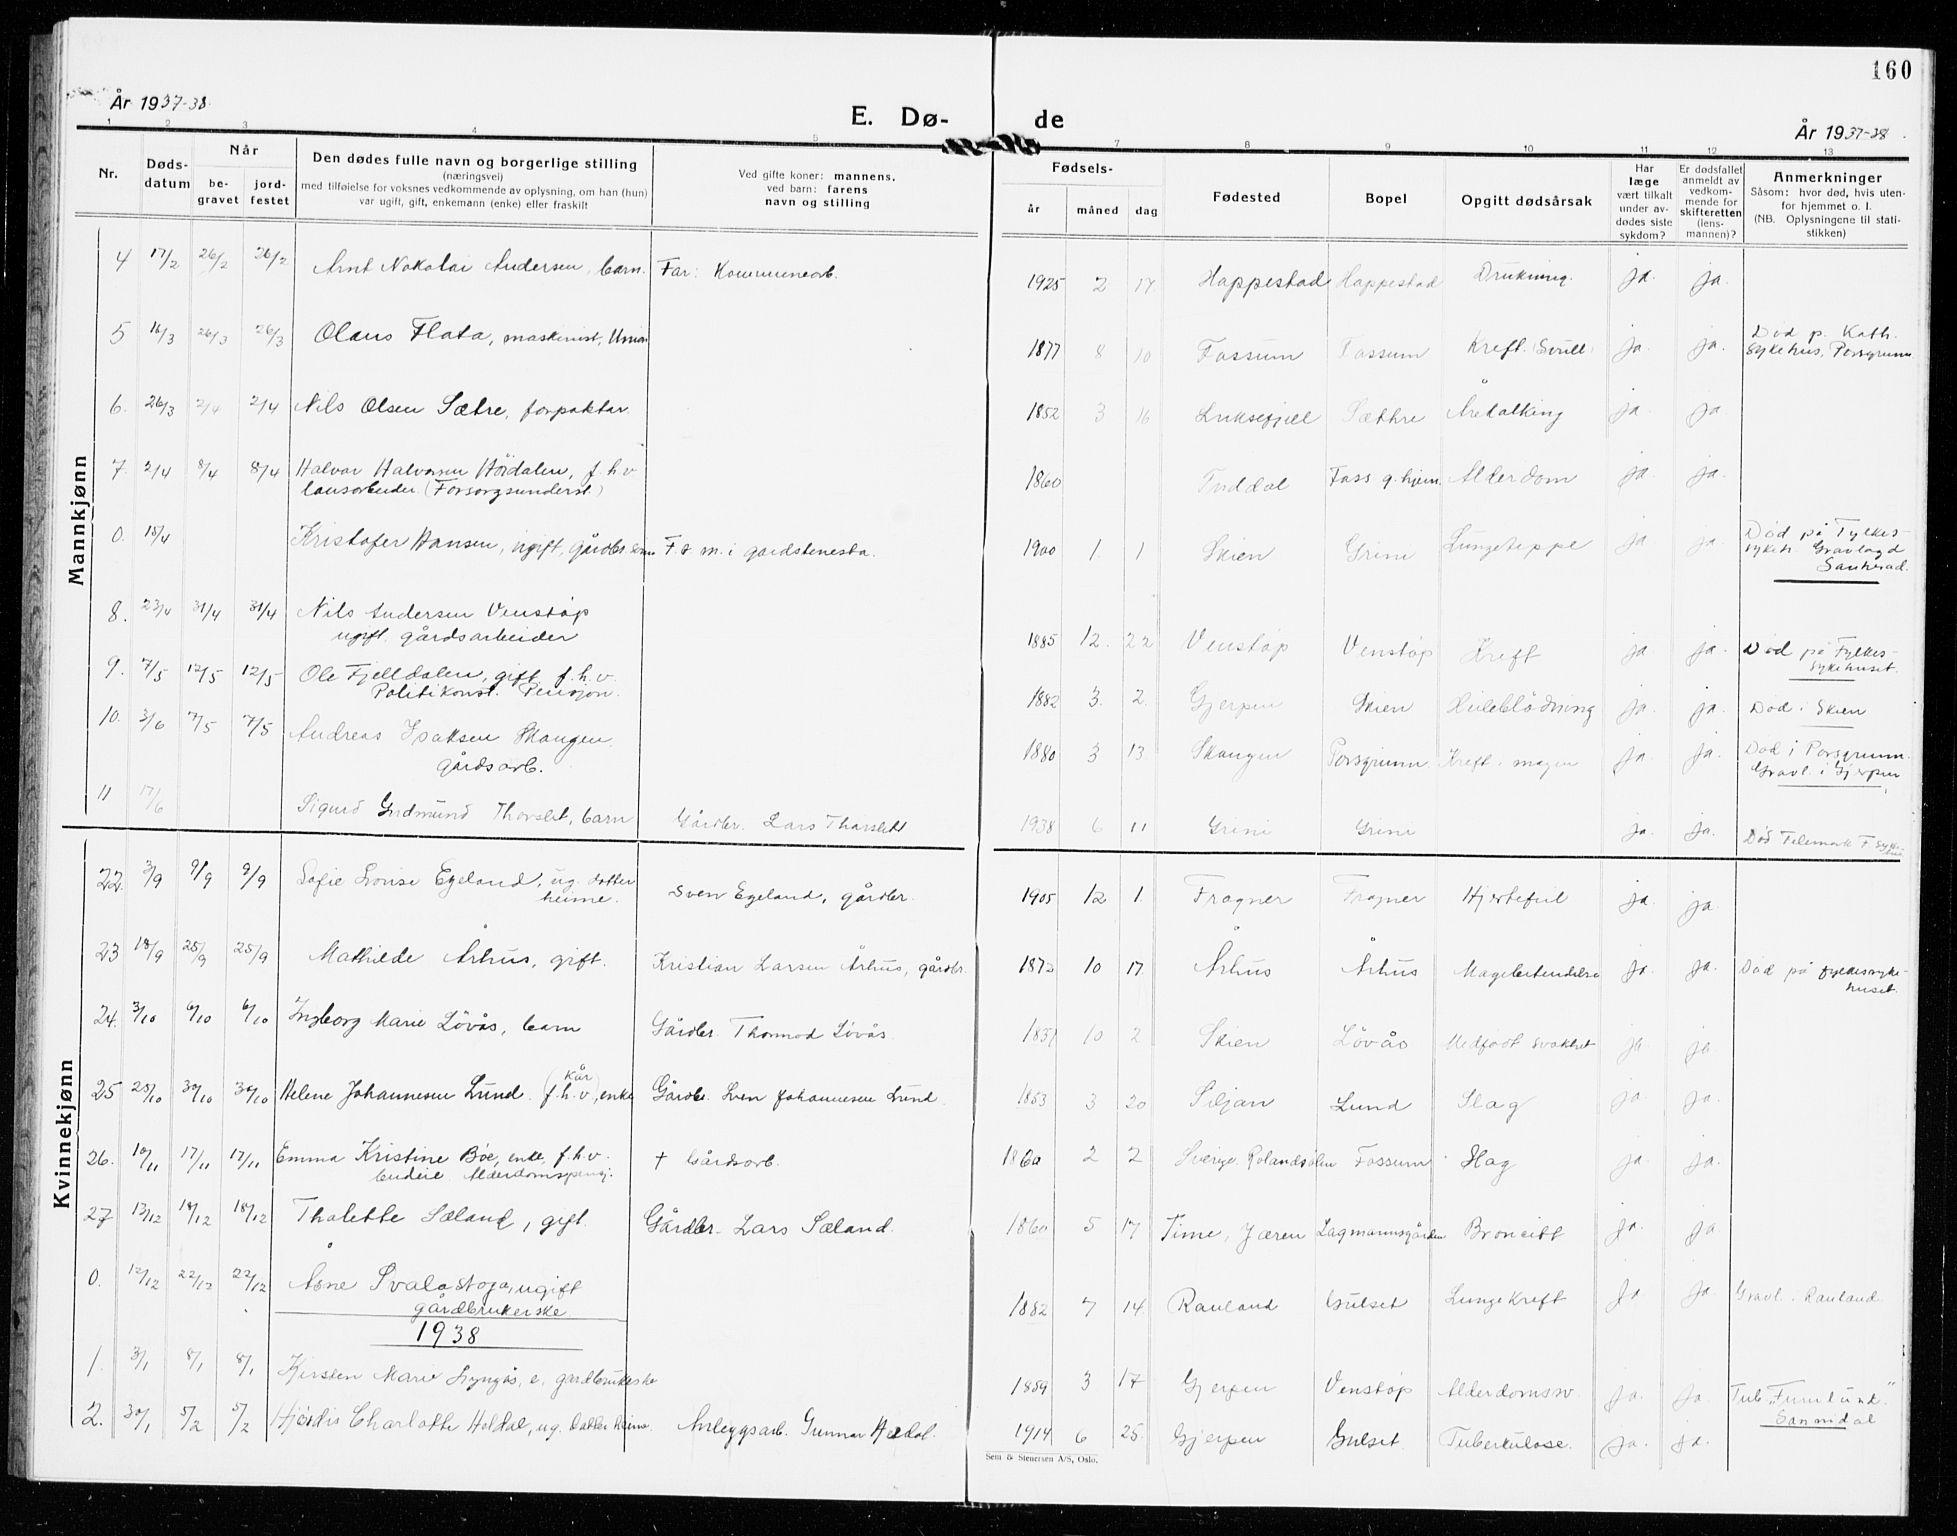 SAKO, Gjerpen kirkebøker, G/Ga/L0005: Klokkerbok nr. I 5, 1932-1940, s. 160